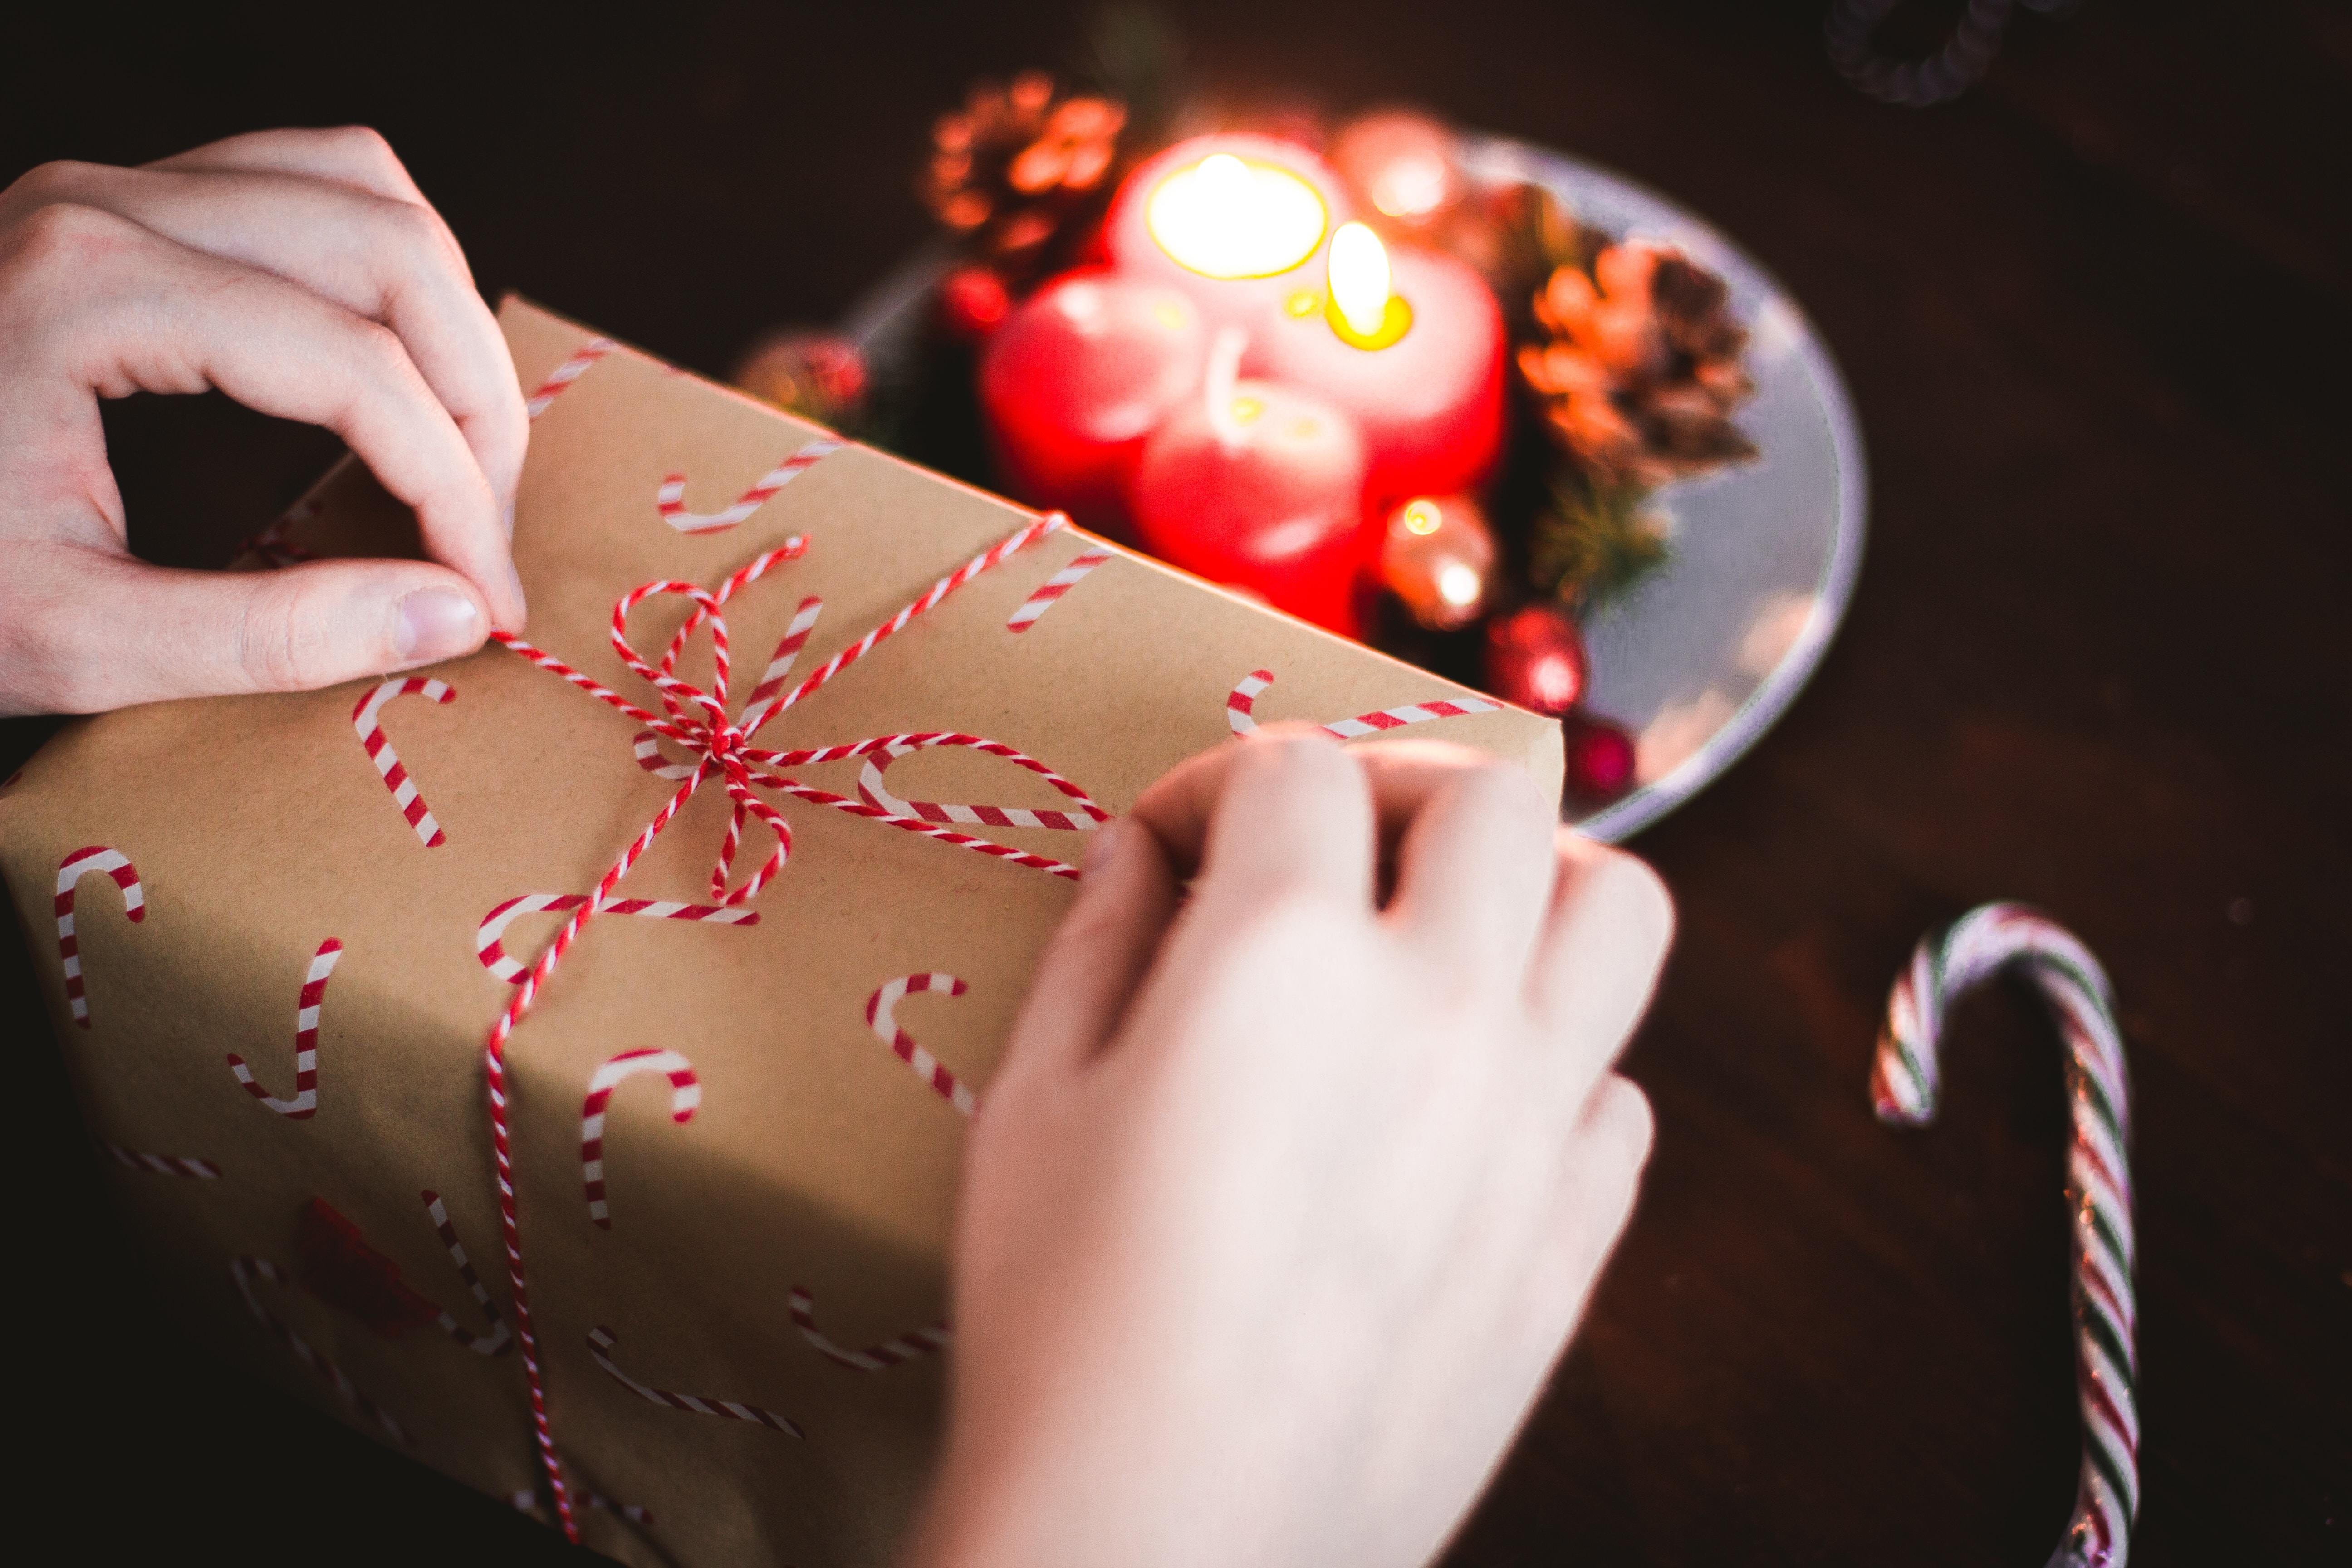 彼女へのクリスマスプレゼントは予算から決めよう